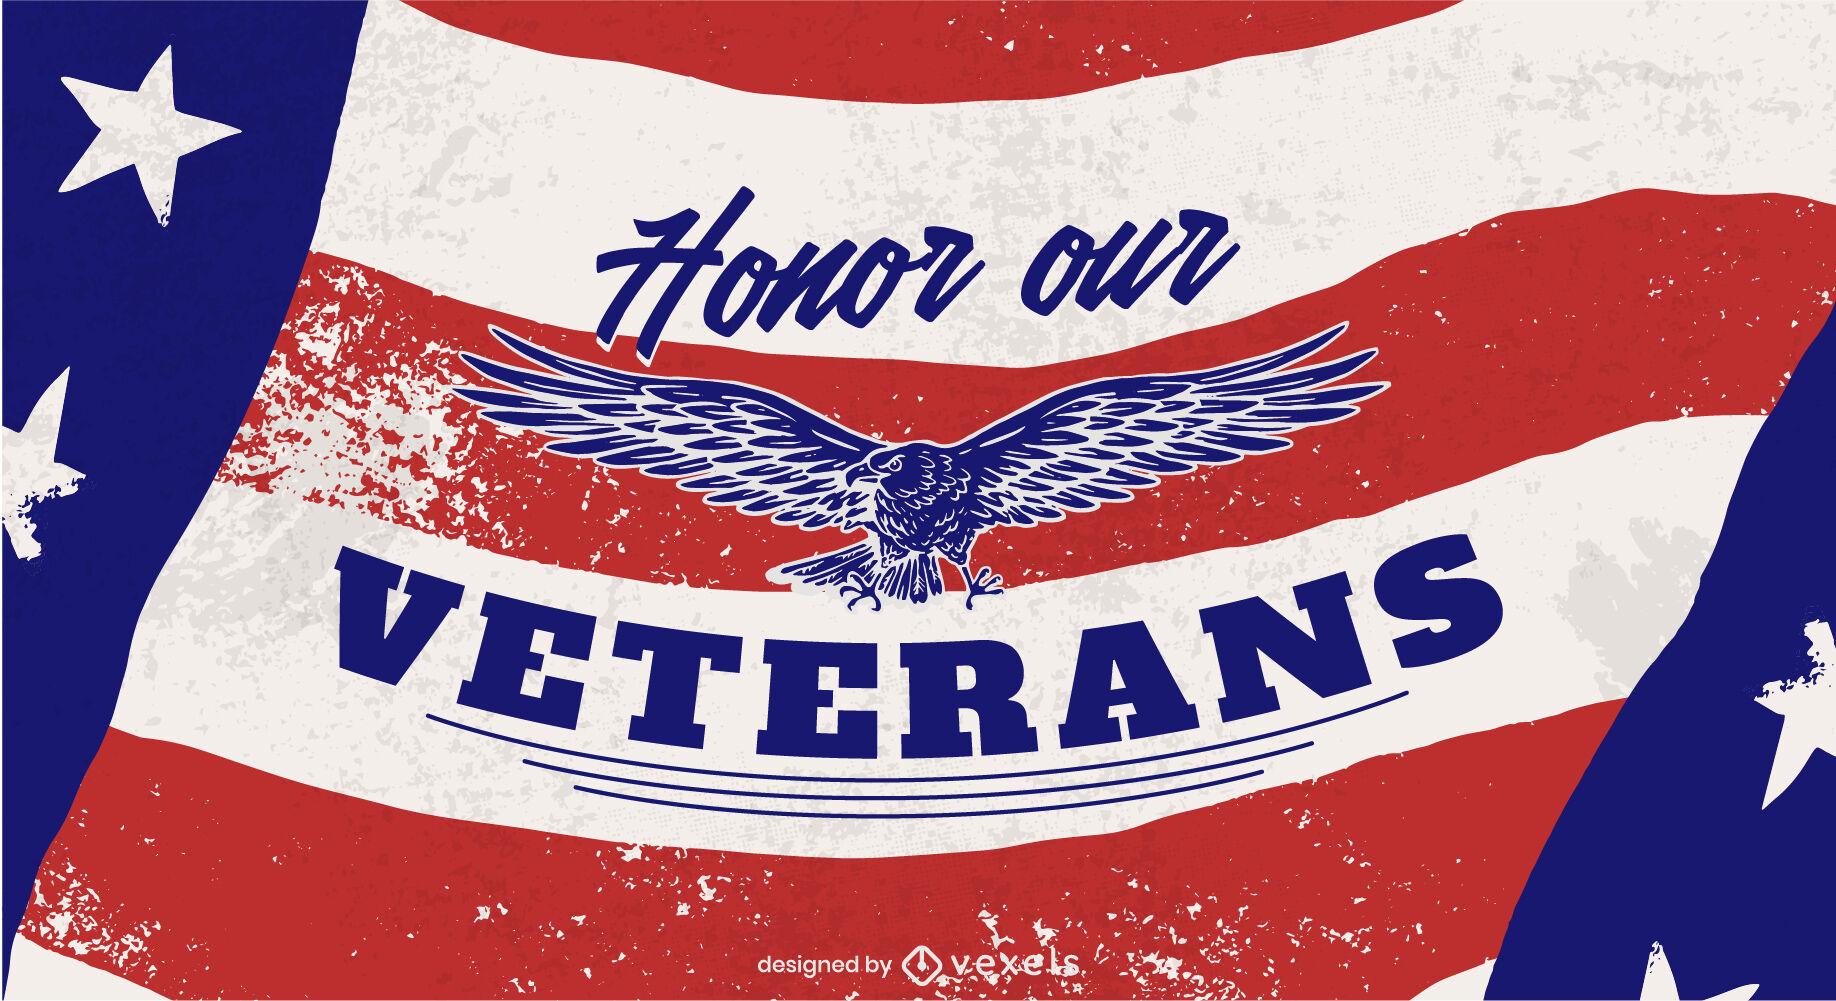 Águia voando no controle deslizante do dia dos veteranos da bandeira americana